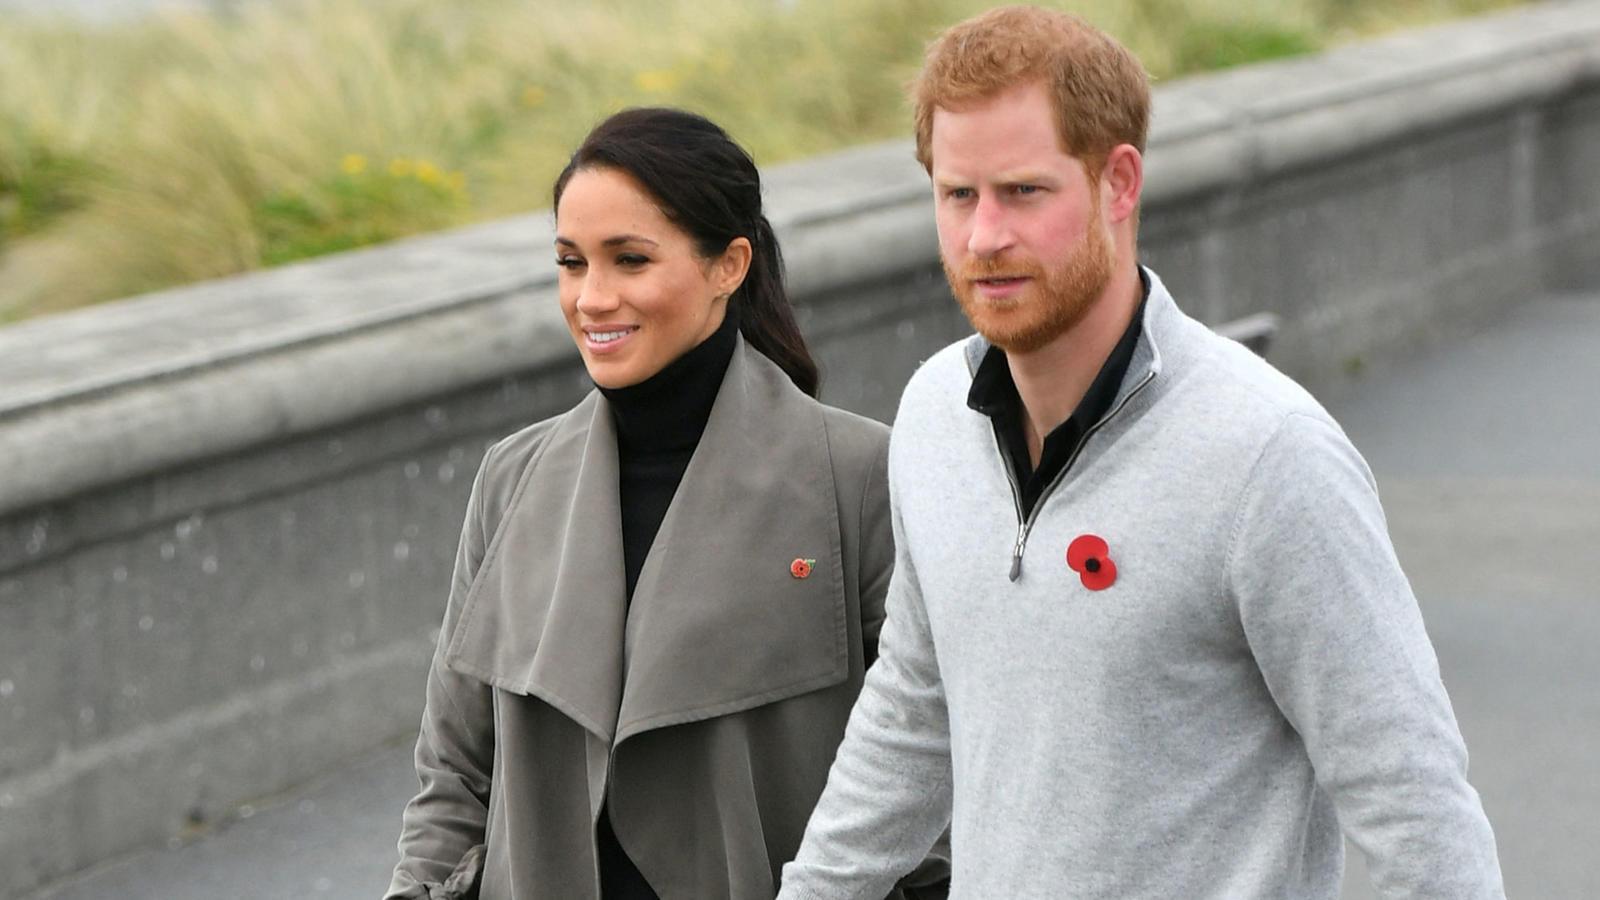 Es ist ein Jahr her, dass Herzogin Meghan und Prinz Harry dem britischen Königshaus den Rücken zugekehrt haben.